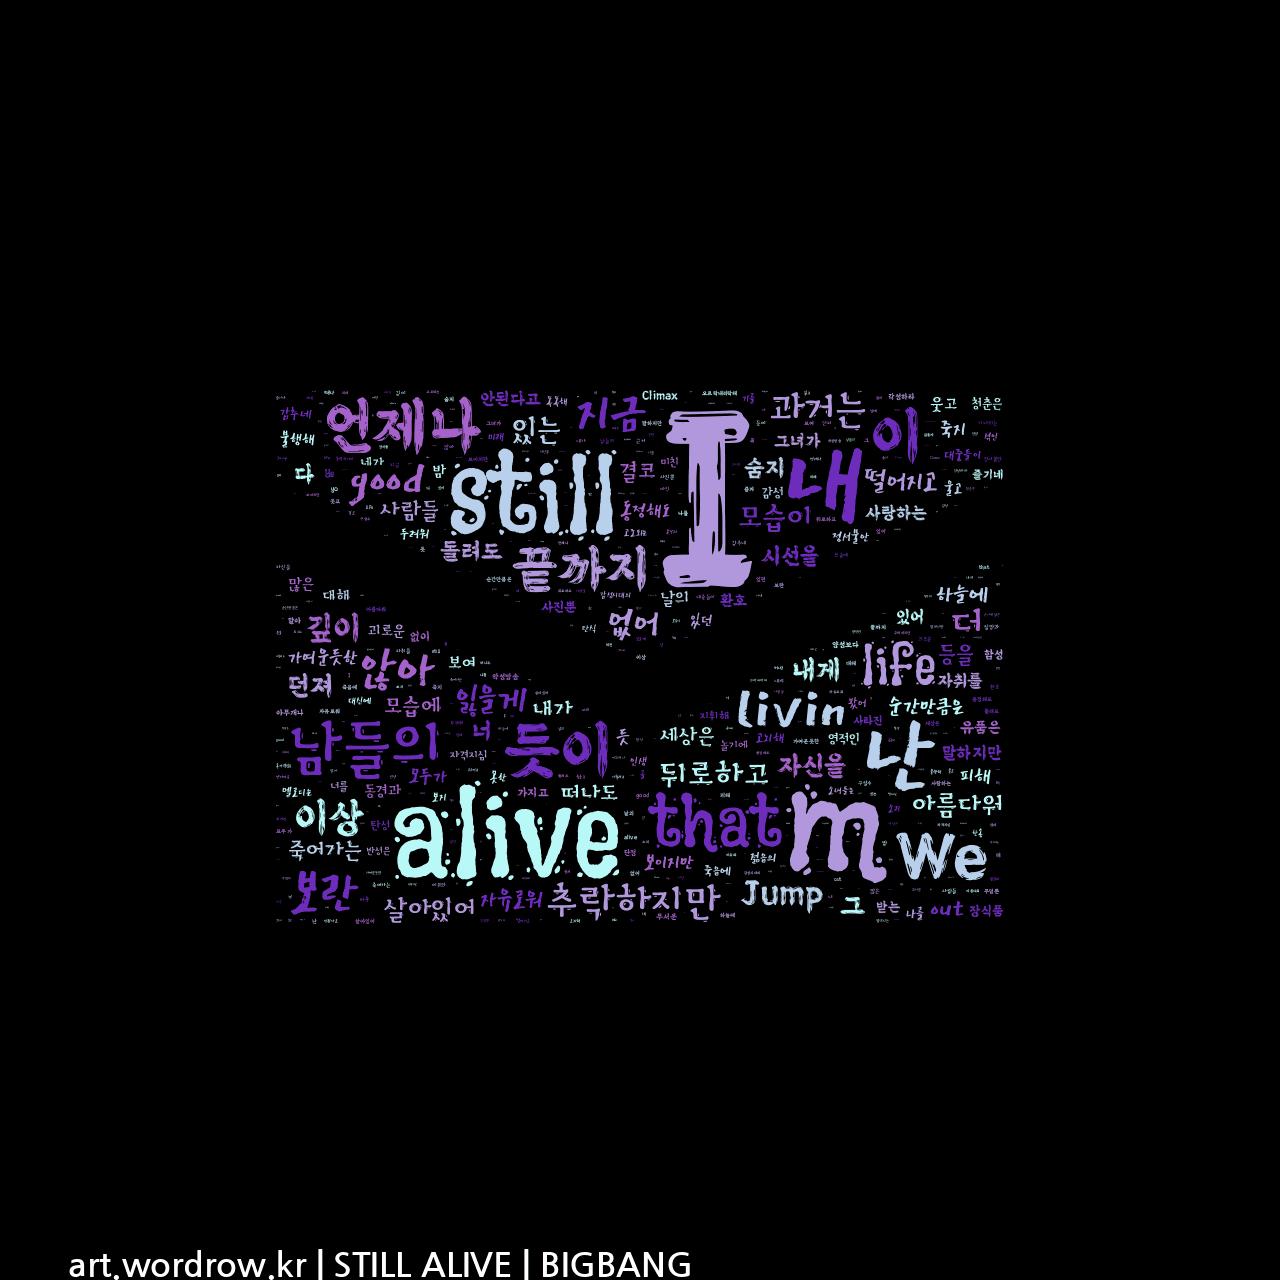 워드 아트: STILL ALIVE [BIGBANG]-4